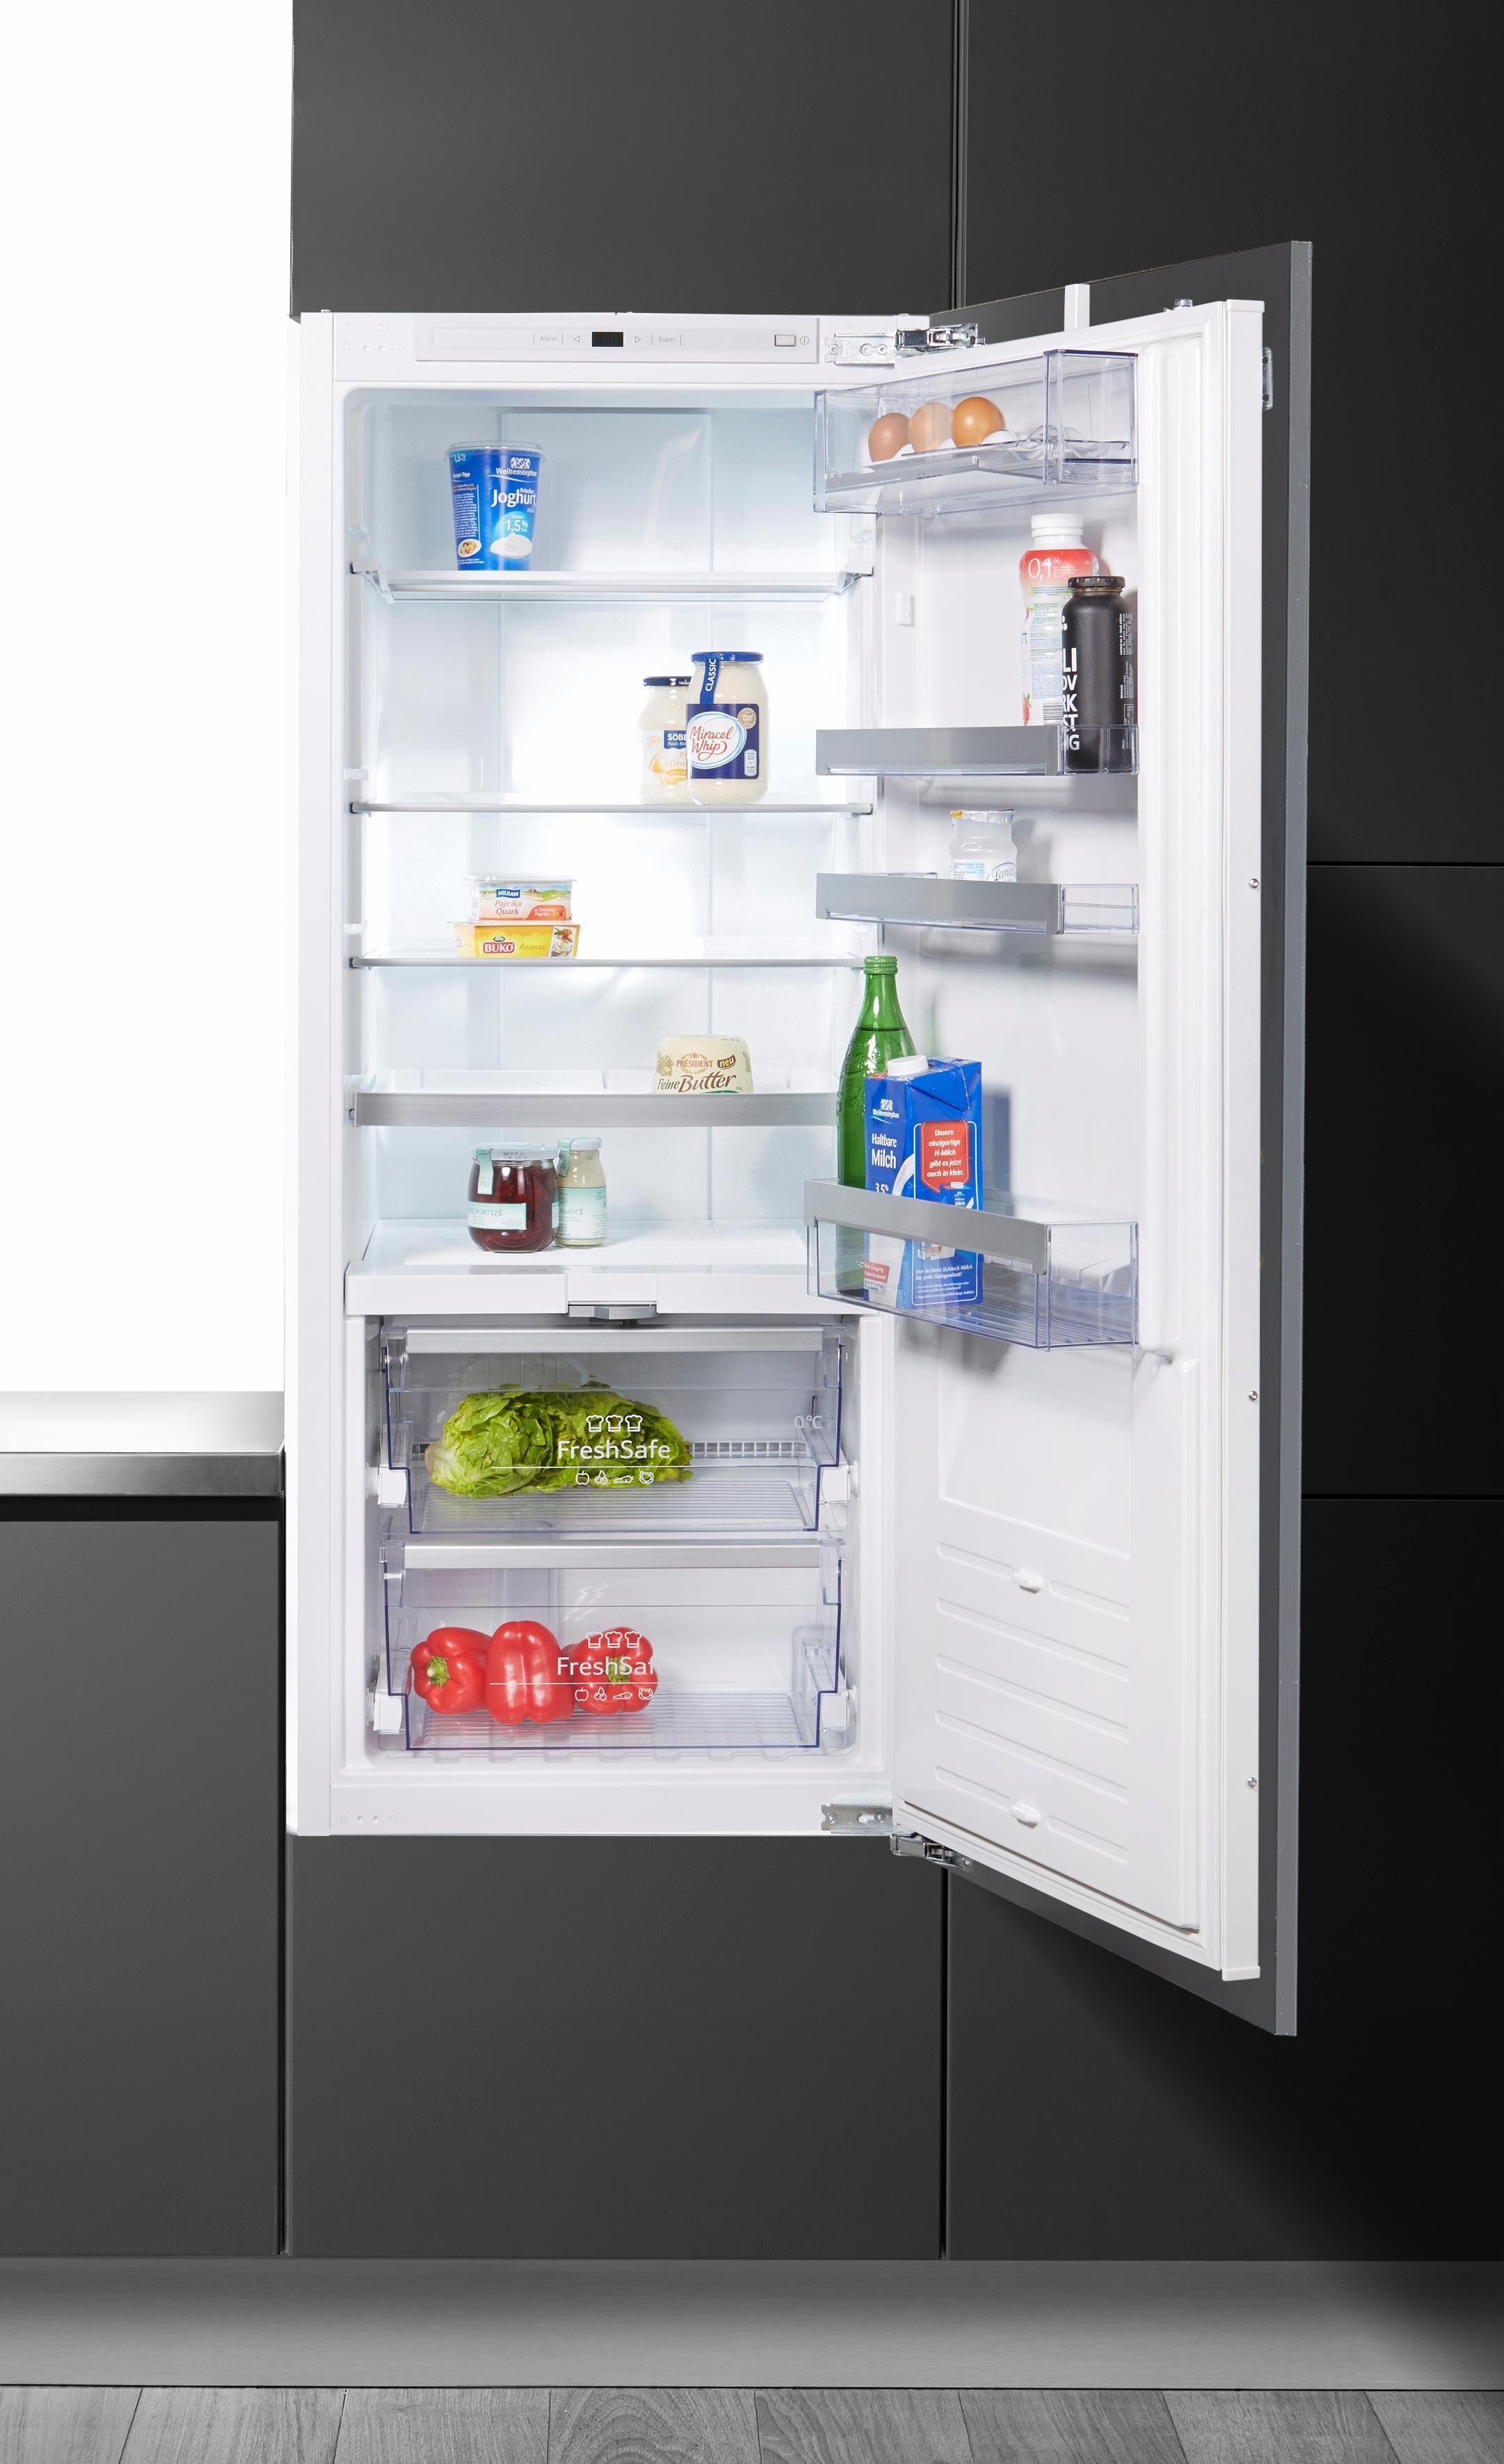 Neff Integrierbarer Einbaukühlschrank KN536A2 / KI8513D30